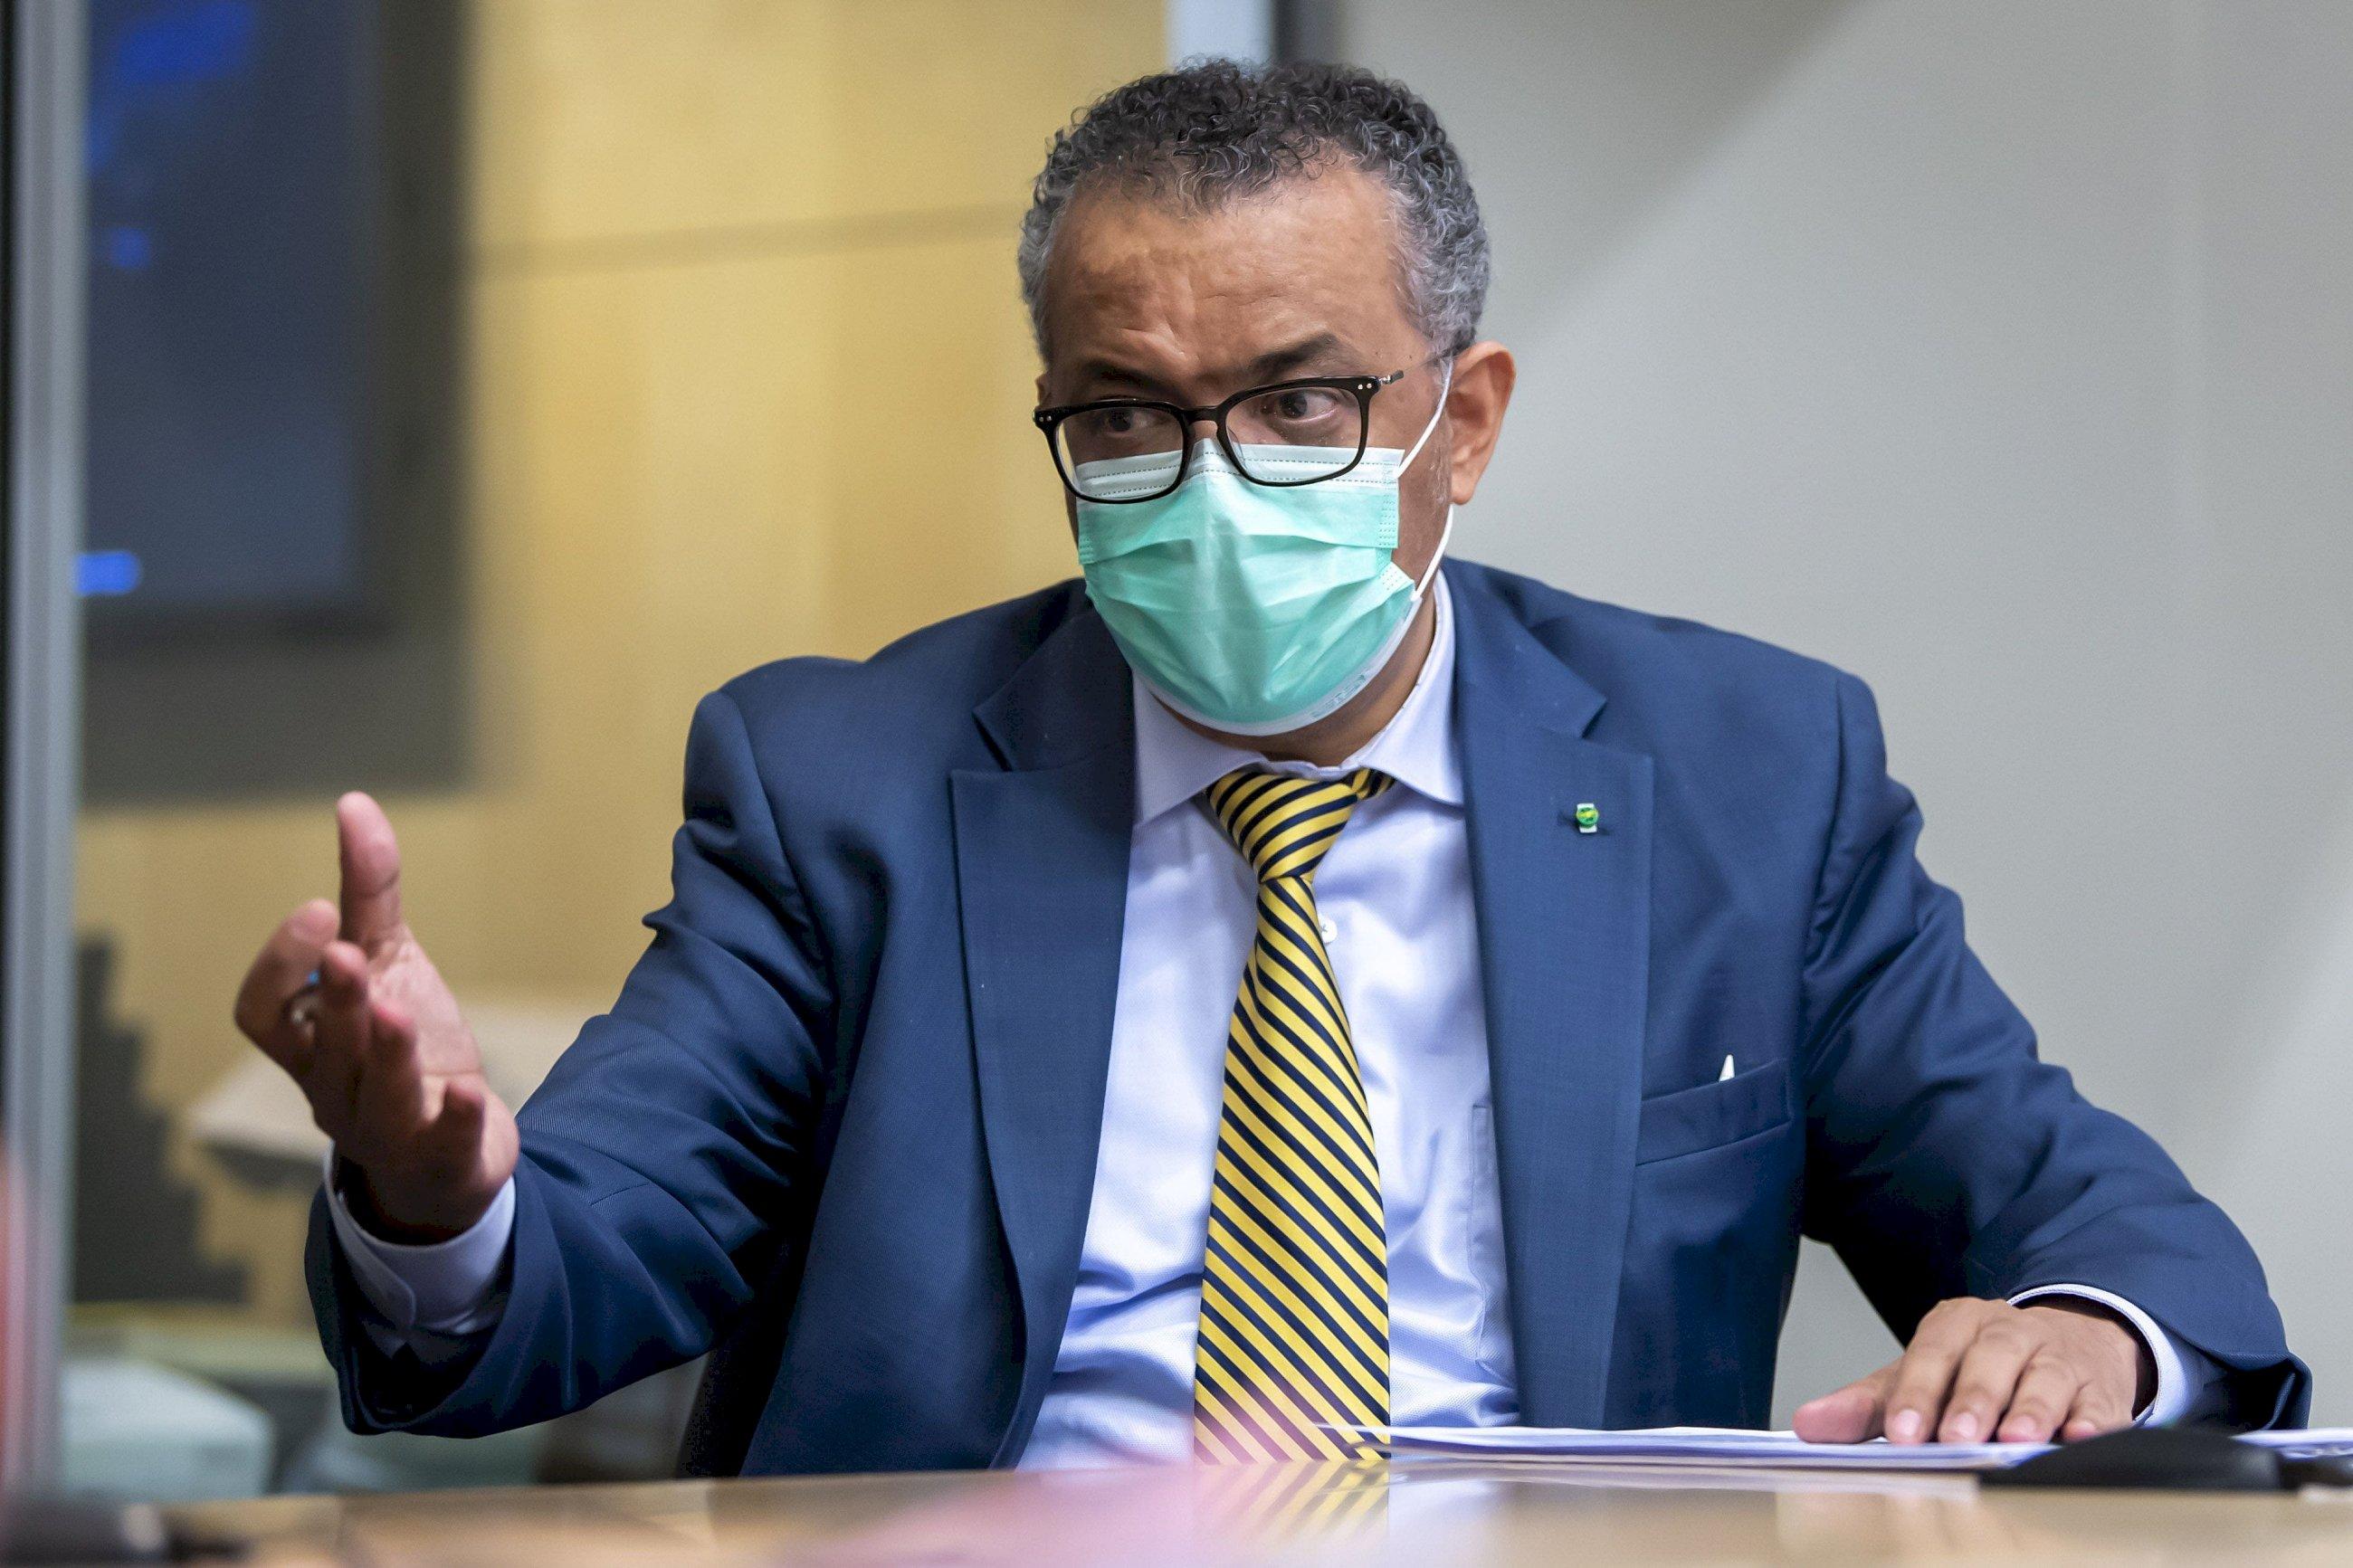 El director general de la Organización Mundial de la Salud (OMS), Tedros Adhanom Ghebreyesus, alerta sobre la subida del precio de las vacunas EFE/EPA/MARTIAL TREZZINI